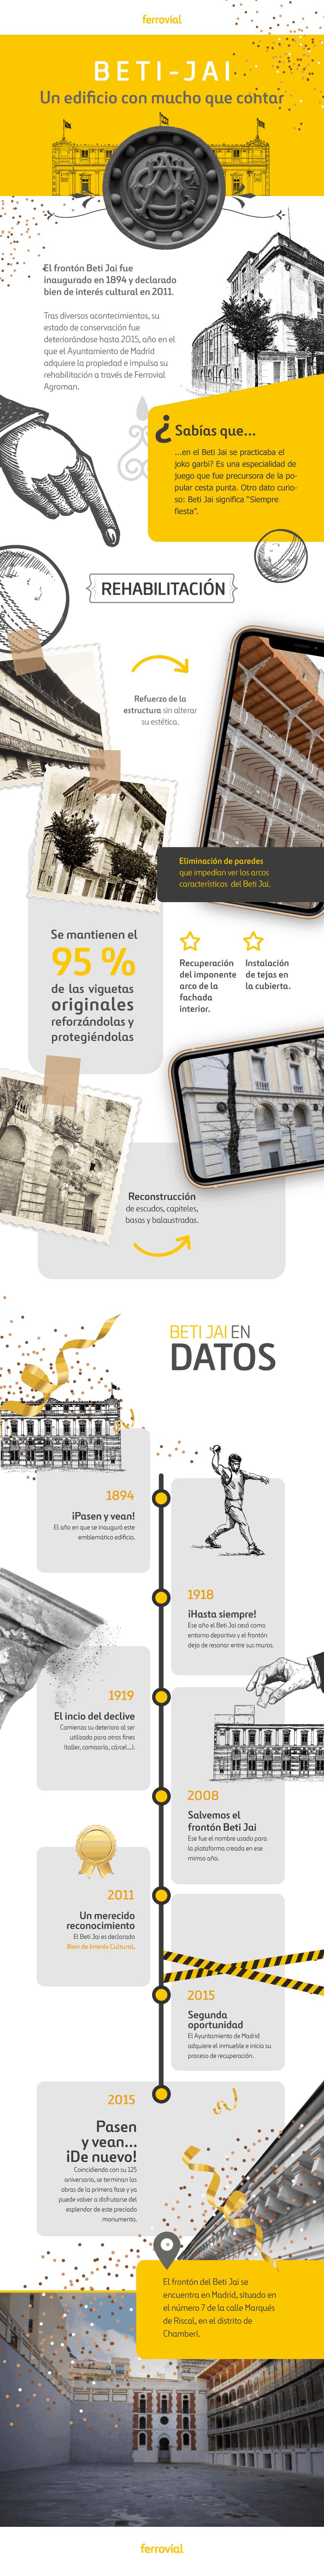 Infografía sobre la remodelación del mítico frontón madrileño beti jai